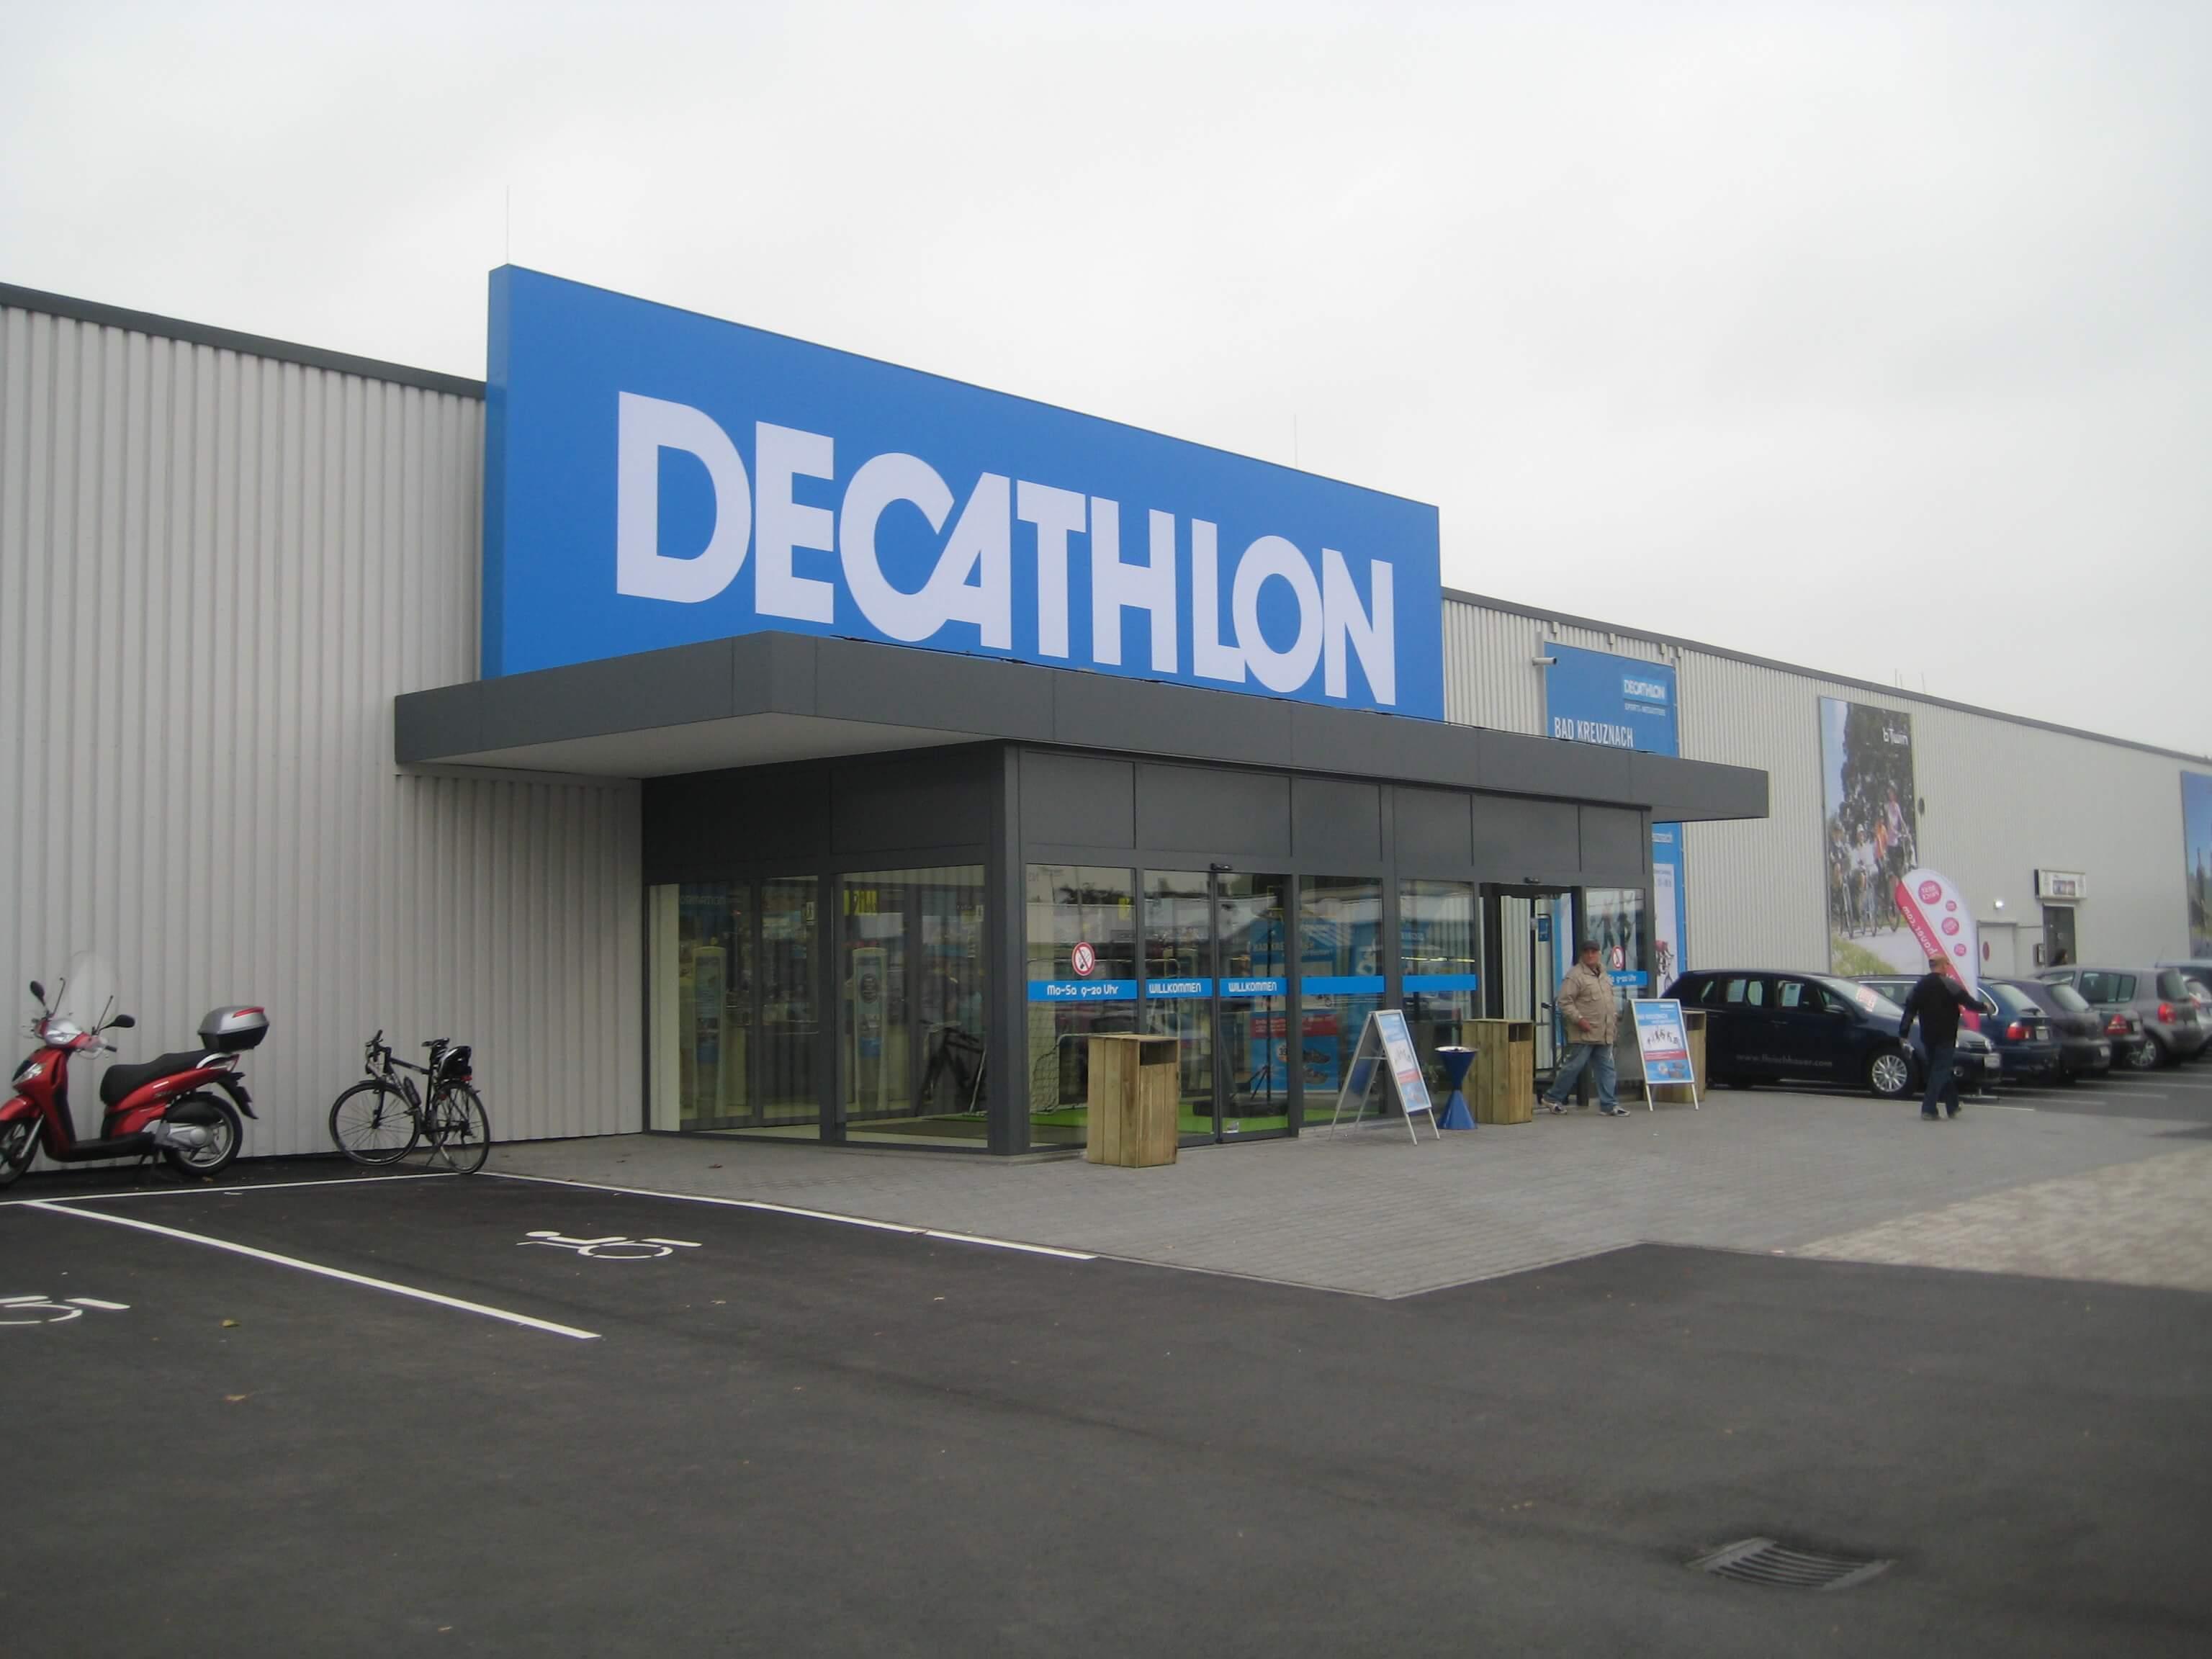 decathlon ffnungszeiten decathlon planiger stra e. Black Bedroom Furniture Sets. Home Design Ideas